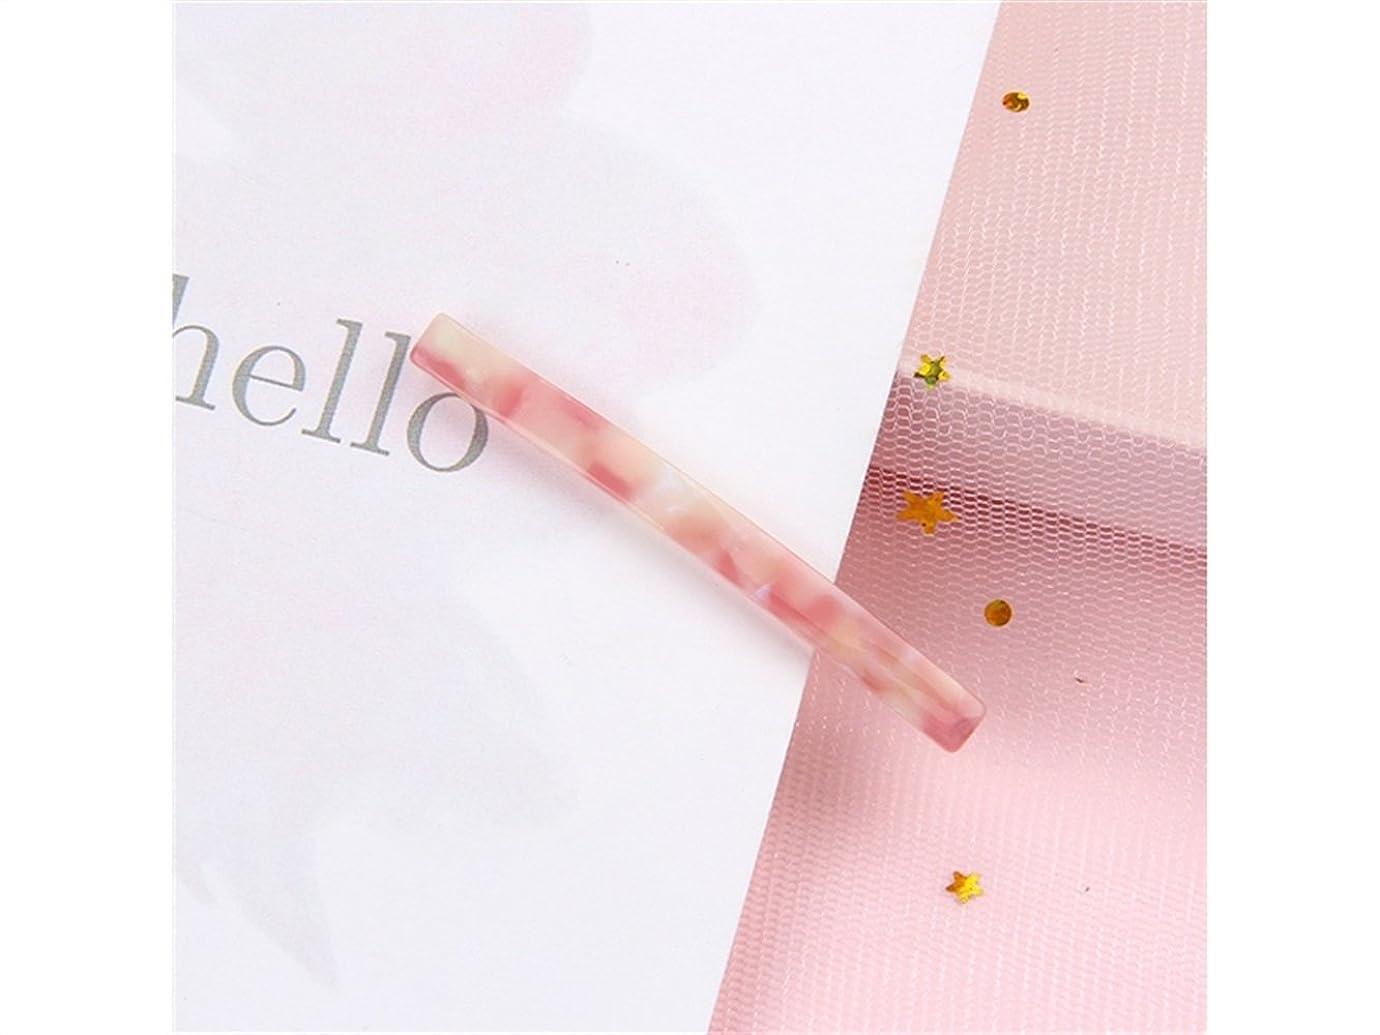 ピストル解放する略語Osize 美しいスタイル 女性用ナローワンワードクリップサイドクリップ合金ヘアクリップヘアアクセサリー(フローラルピンク)